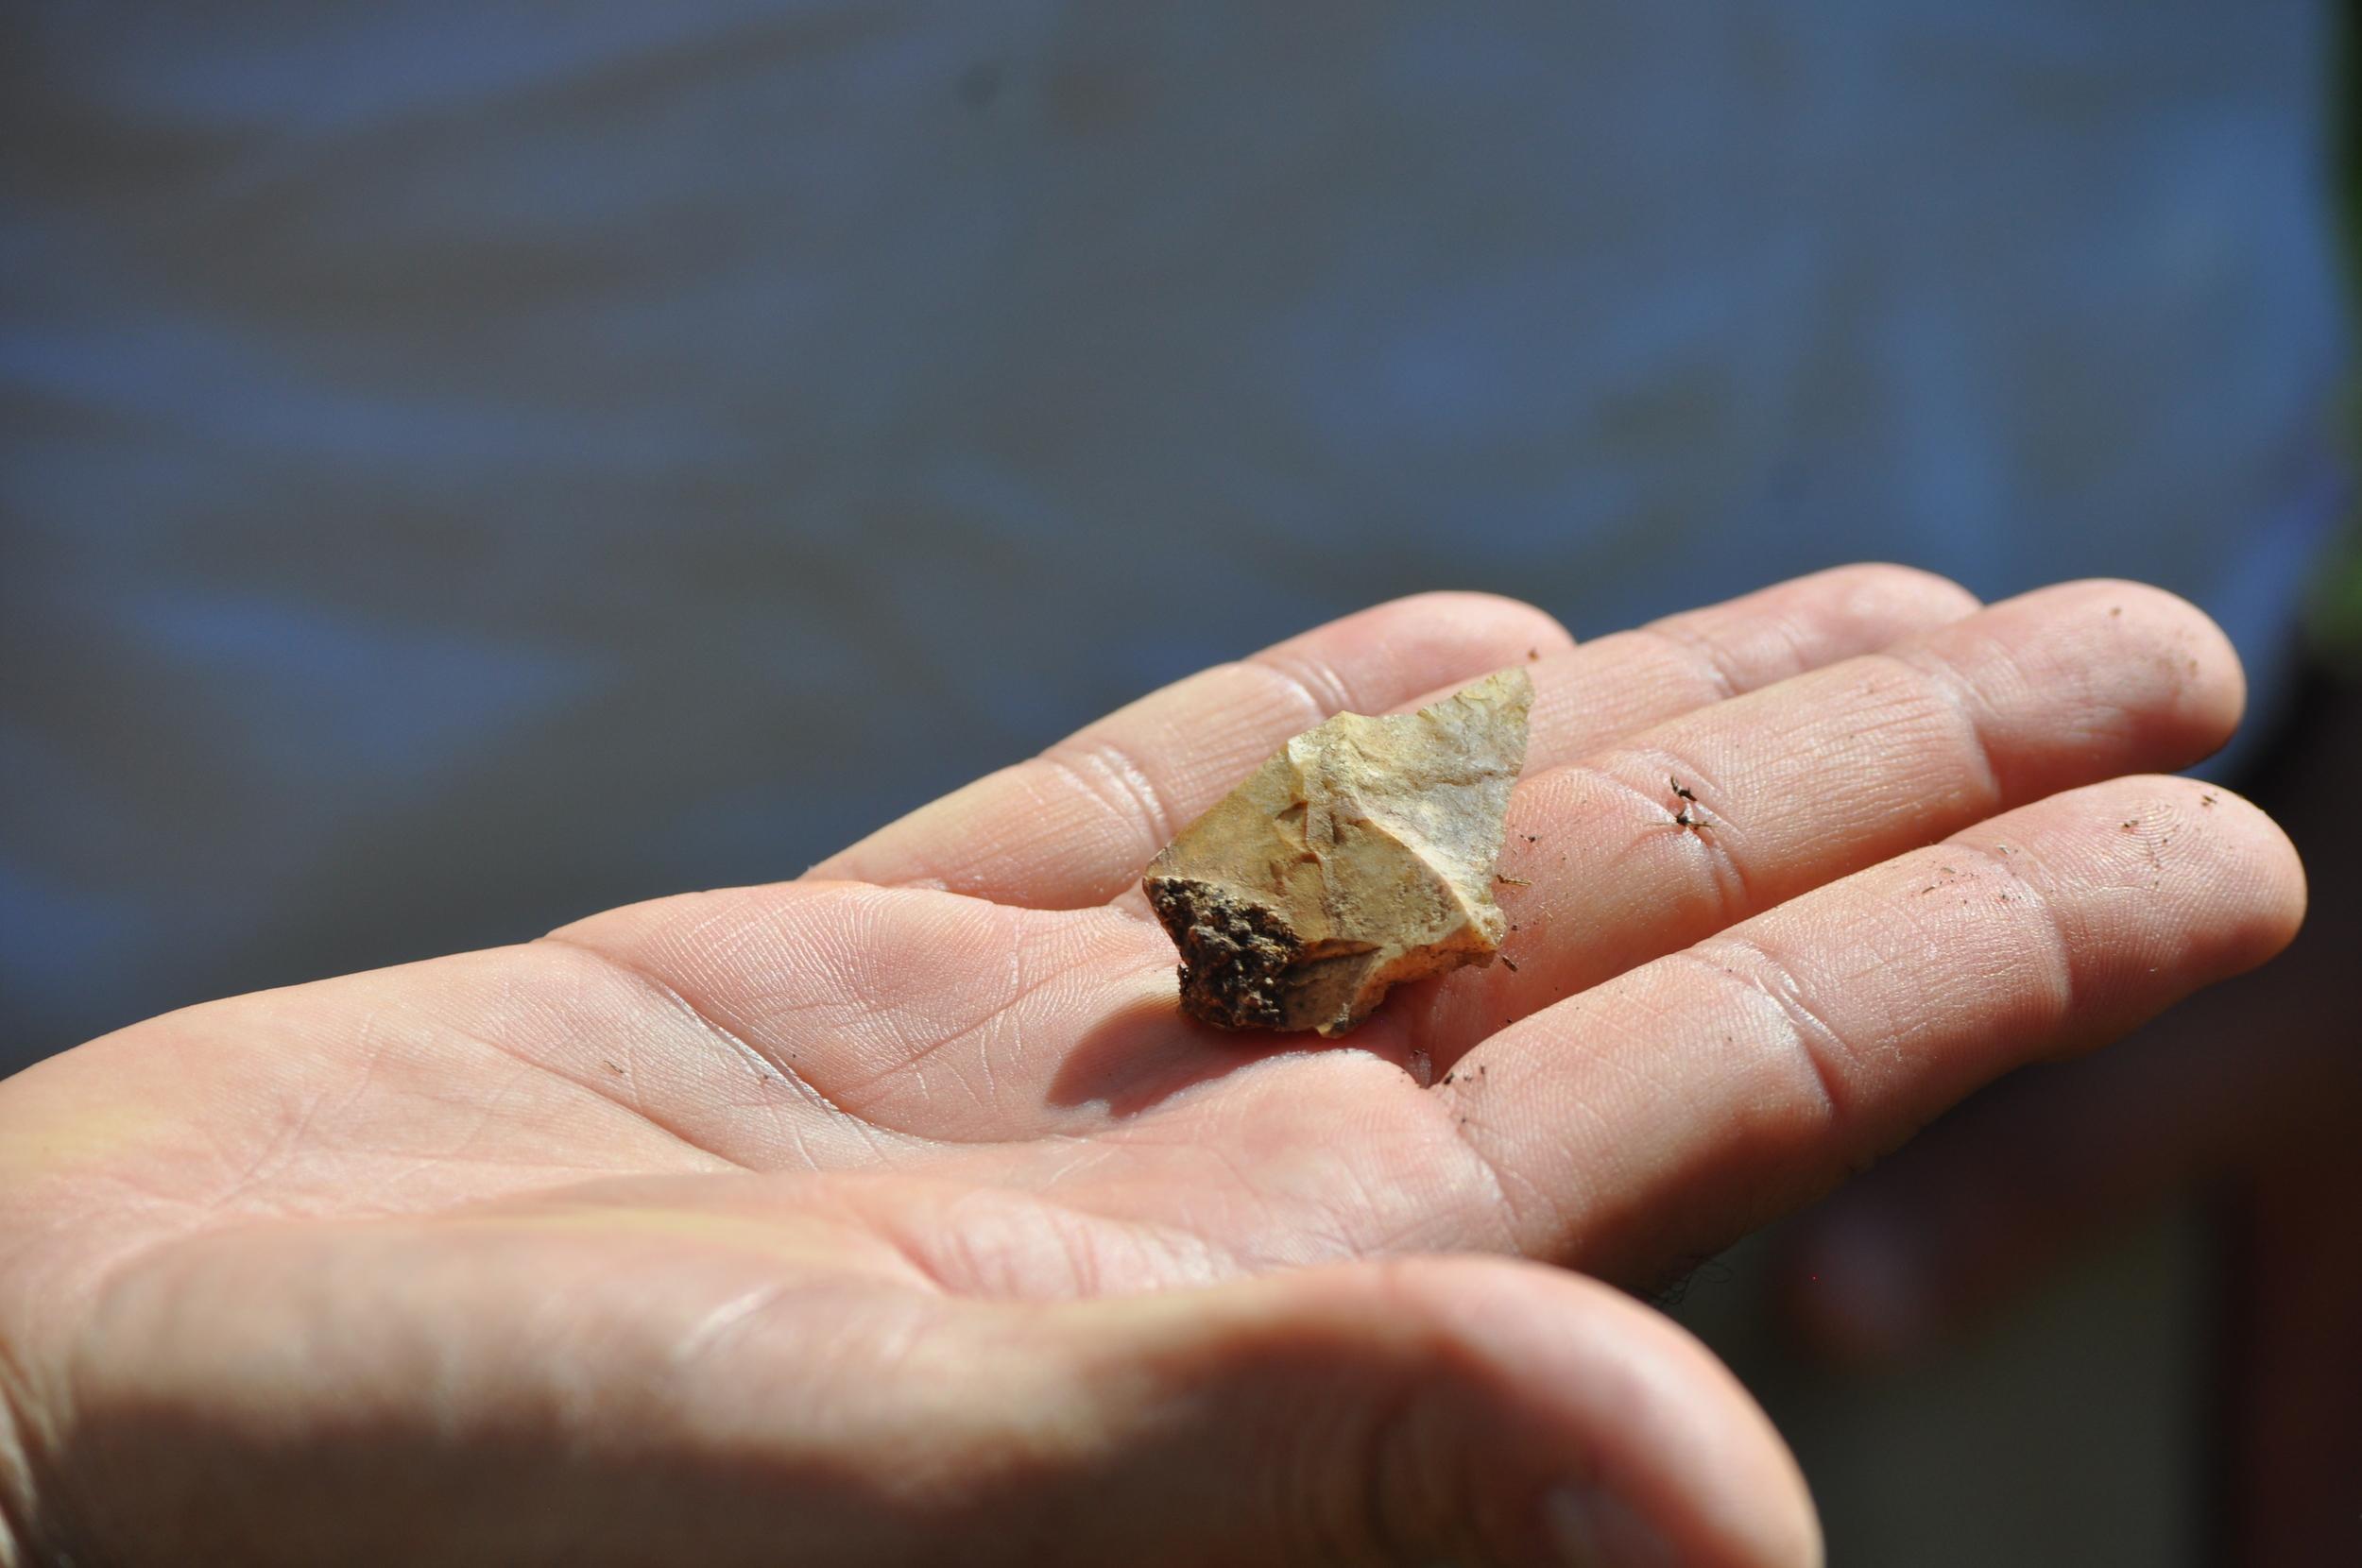 Ray nos mostró pedazos de sílex que encontró en el suelo. Los taínos usaban este tipo de piedra para puntas de flecha. Foto: Pamy Rojas